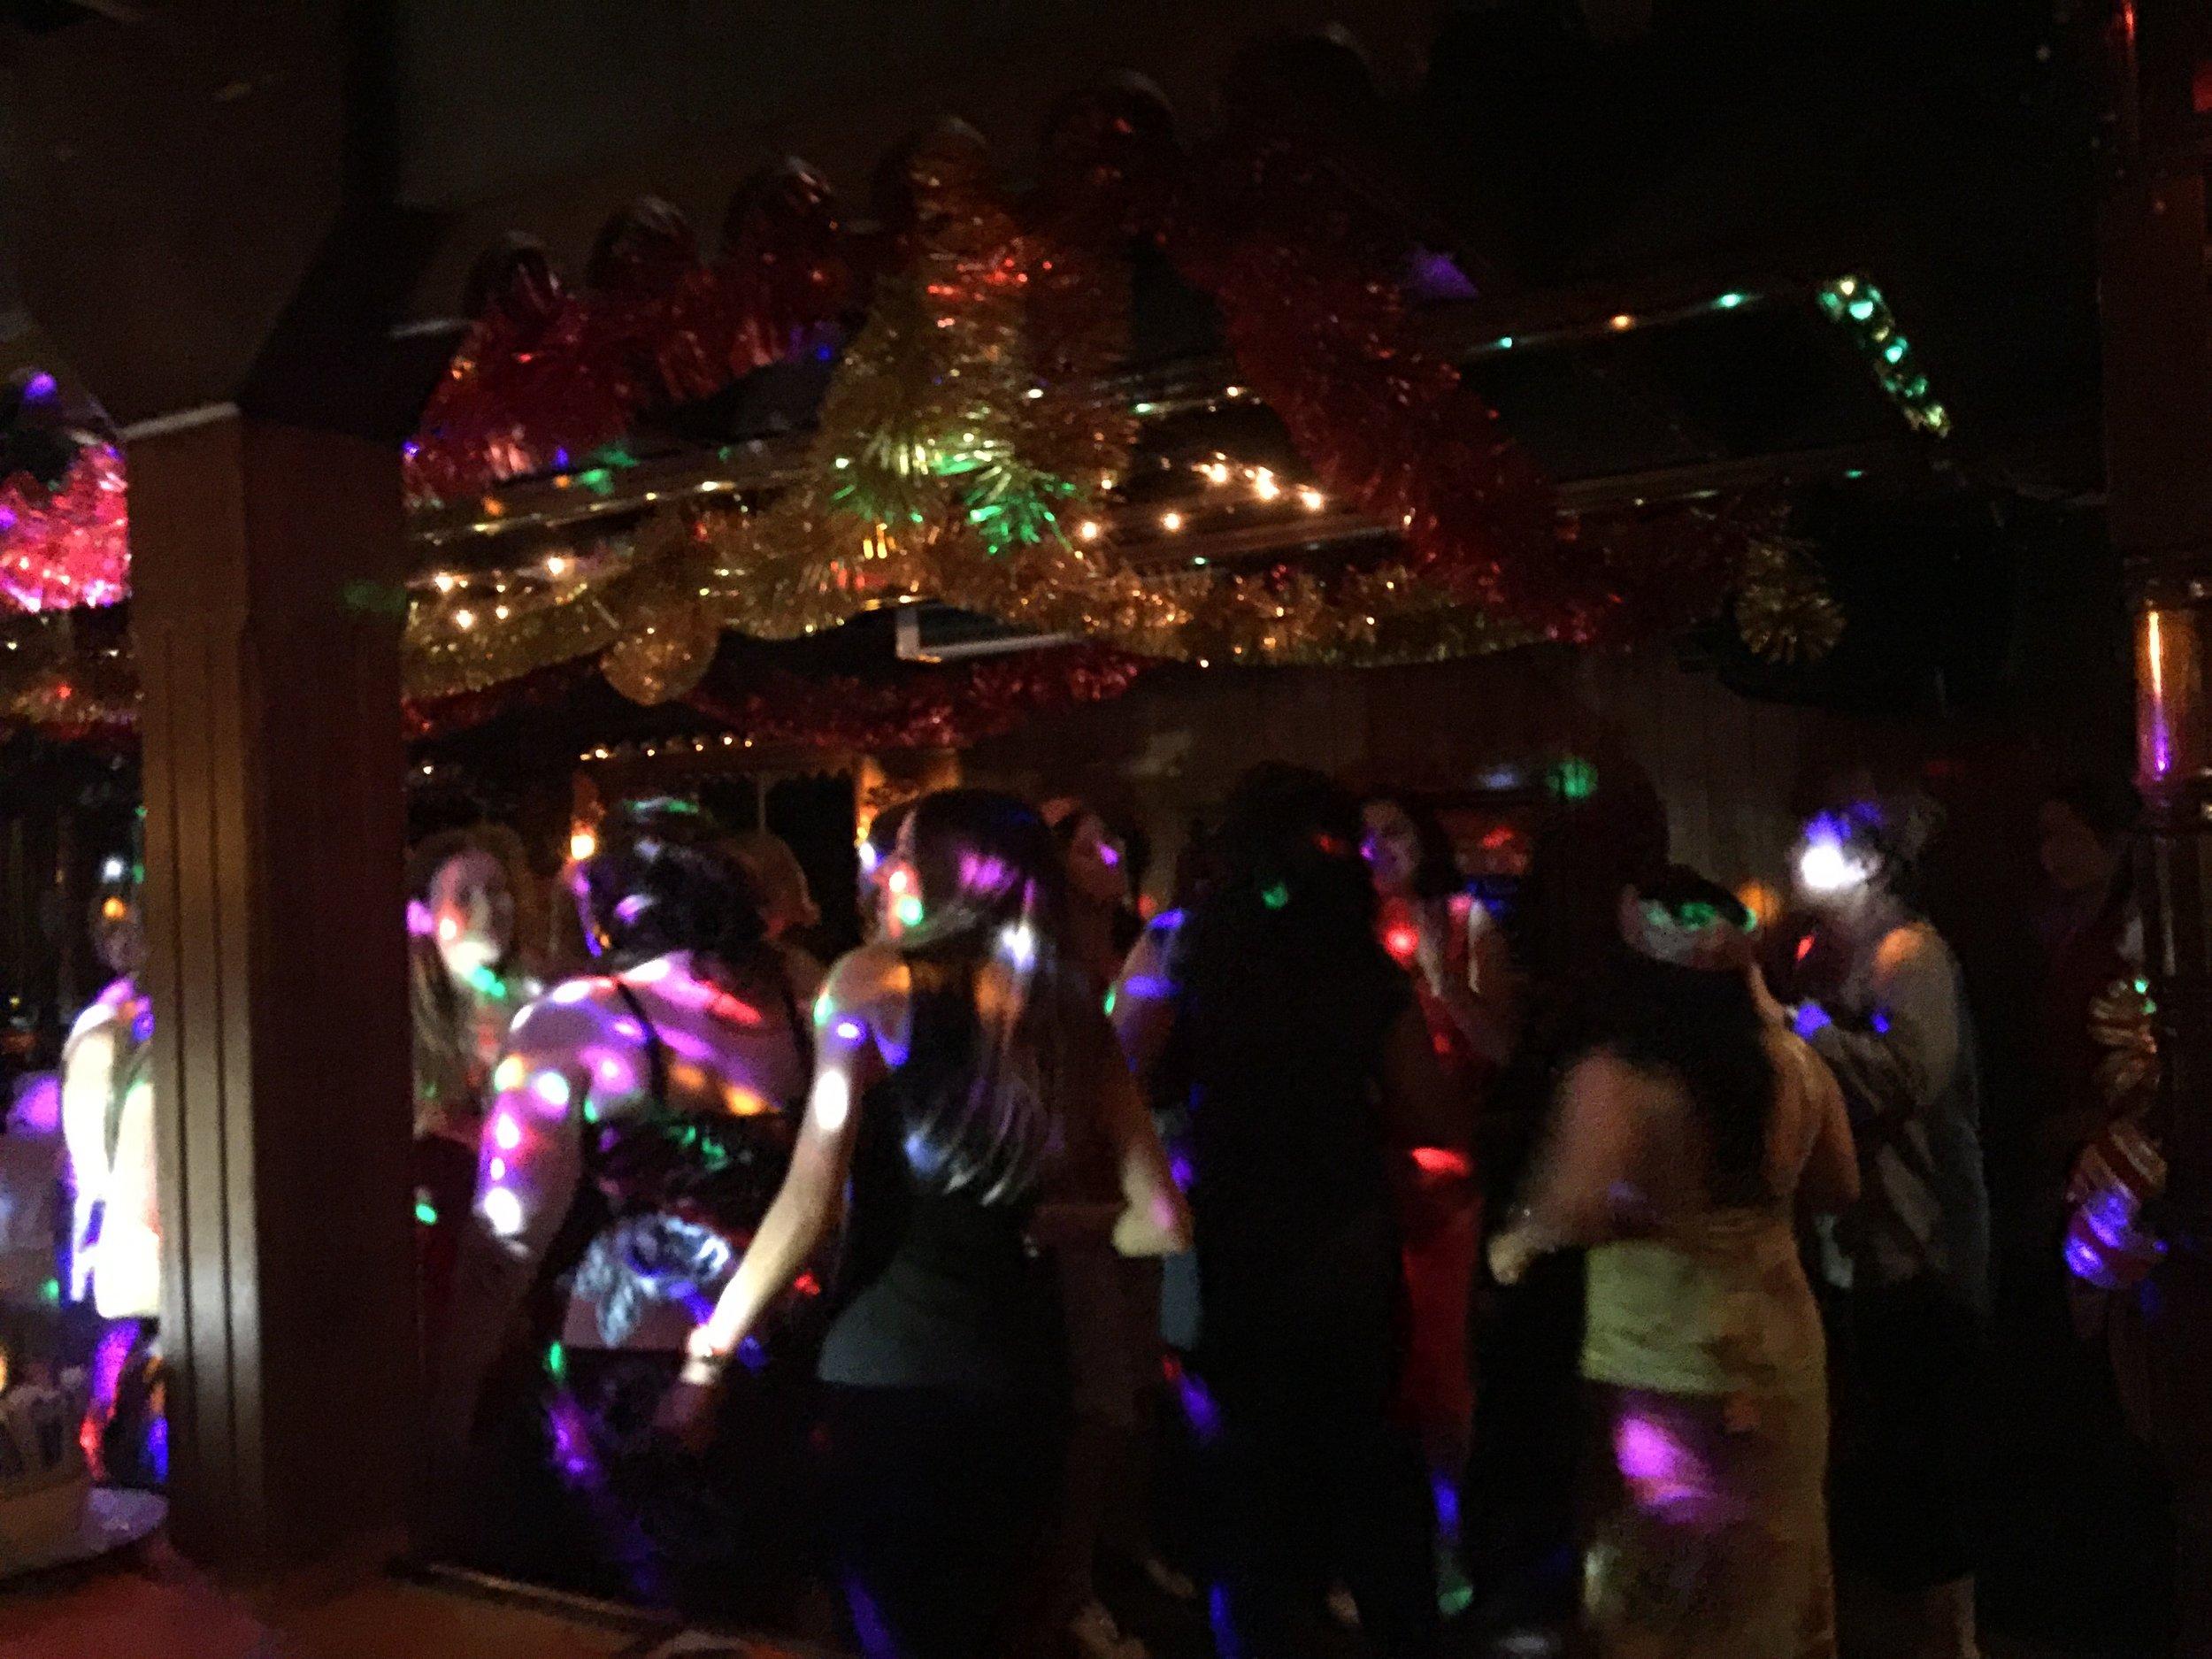 Belle dance party night dinner dj.jpg